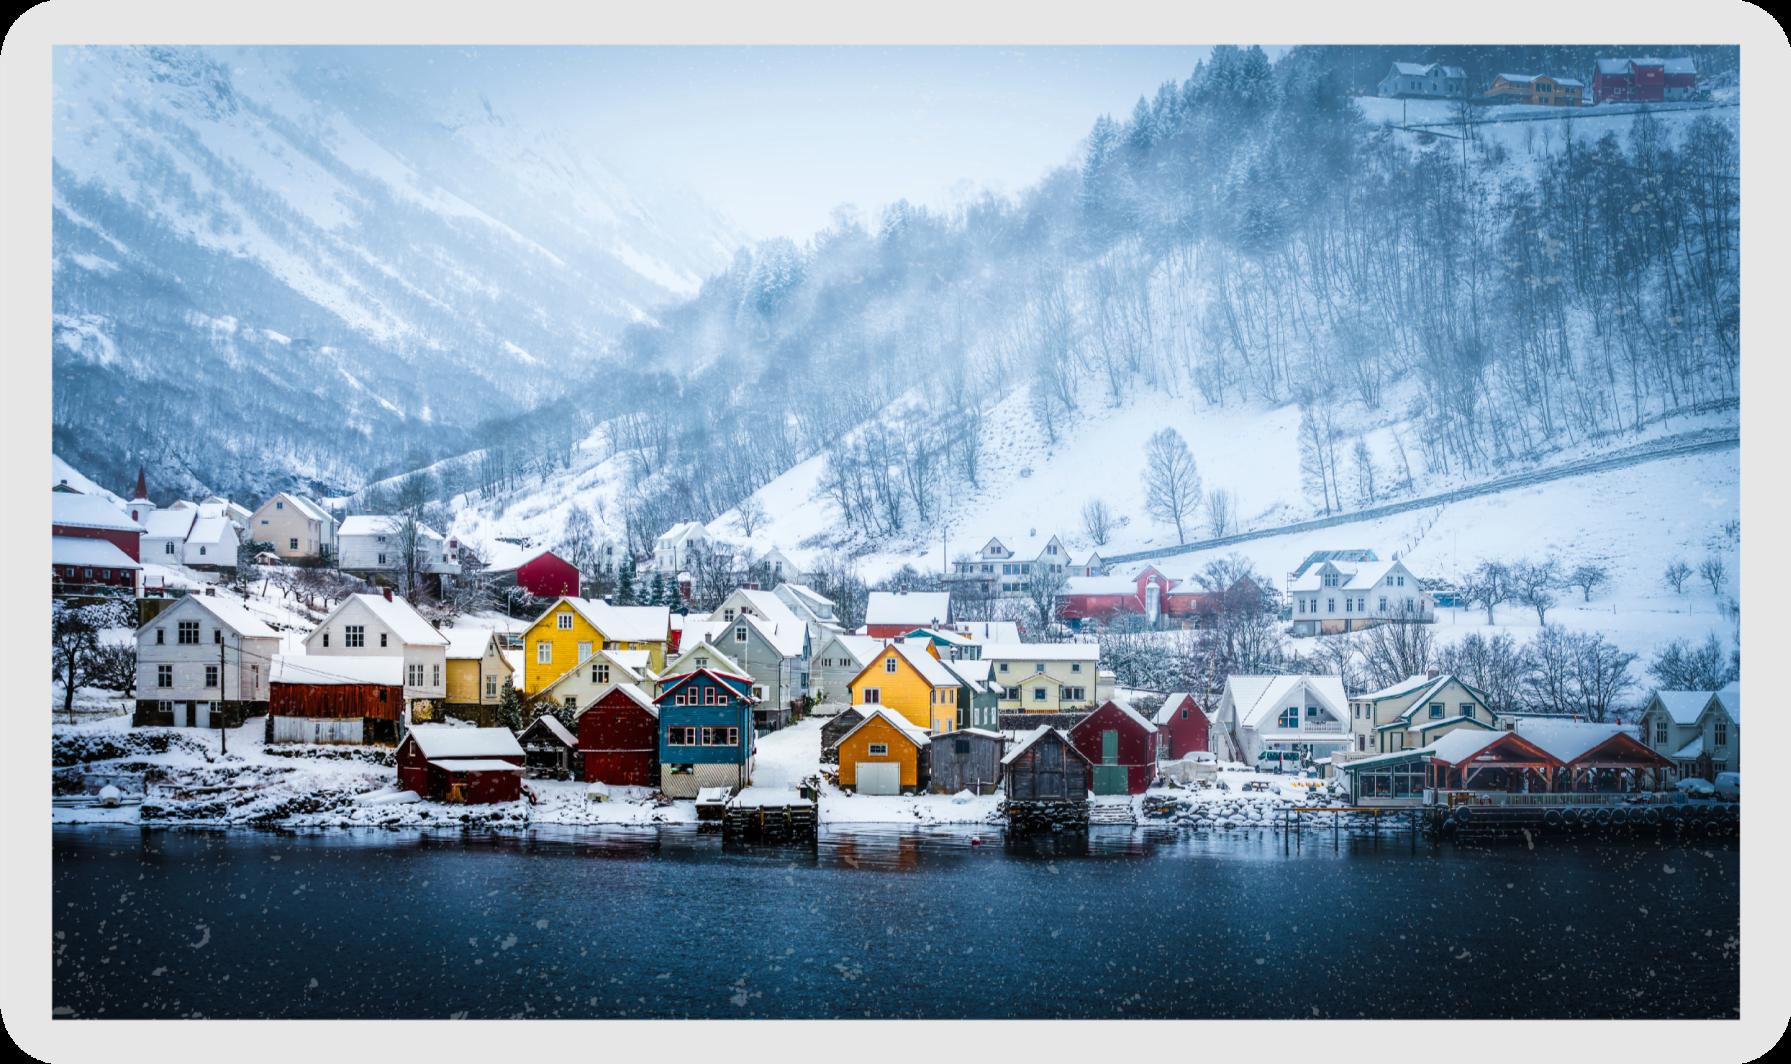 TenVinilo. Alfombra vinílica rectangular fiordo Noruega. Alfombra vinílica rectangular con varias casas de asentamiento ubicadas en un fiordo de Noruega. El tamaño es personalizable y duradero.